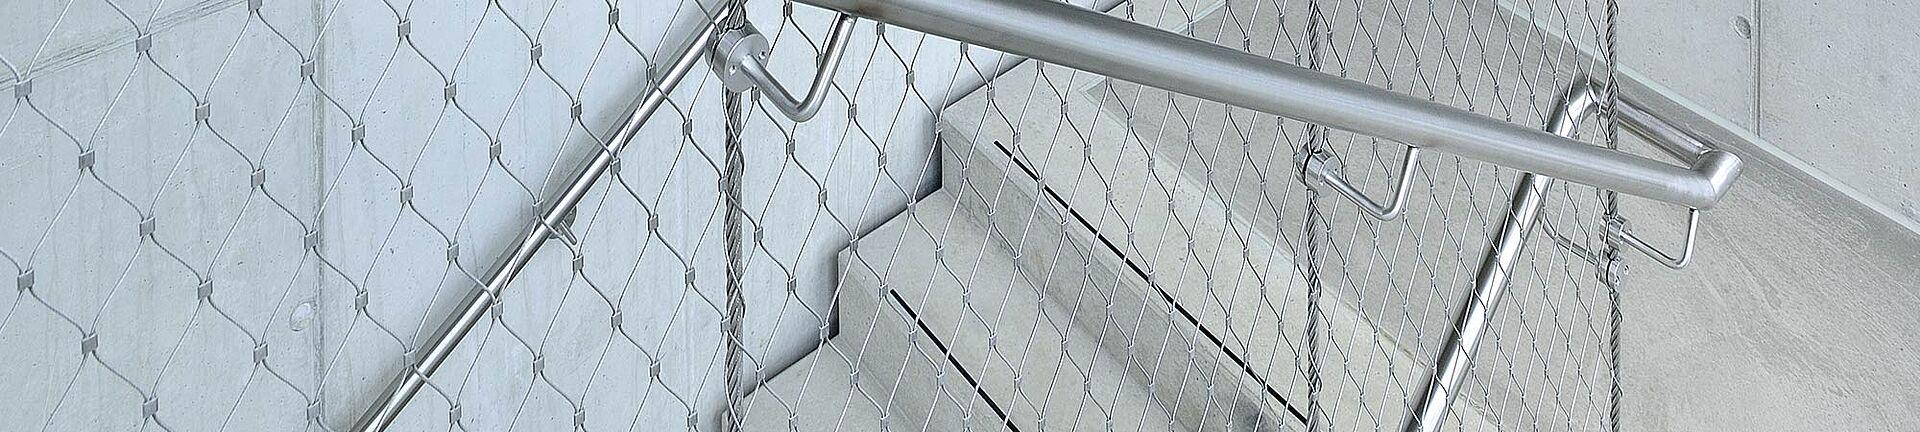 Treppensicherung X-TEND Edelstahl-Seilnetz